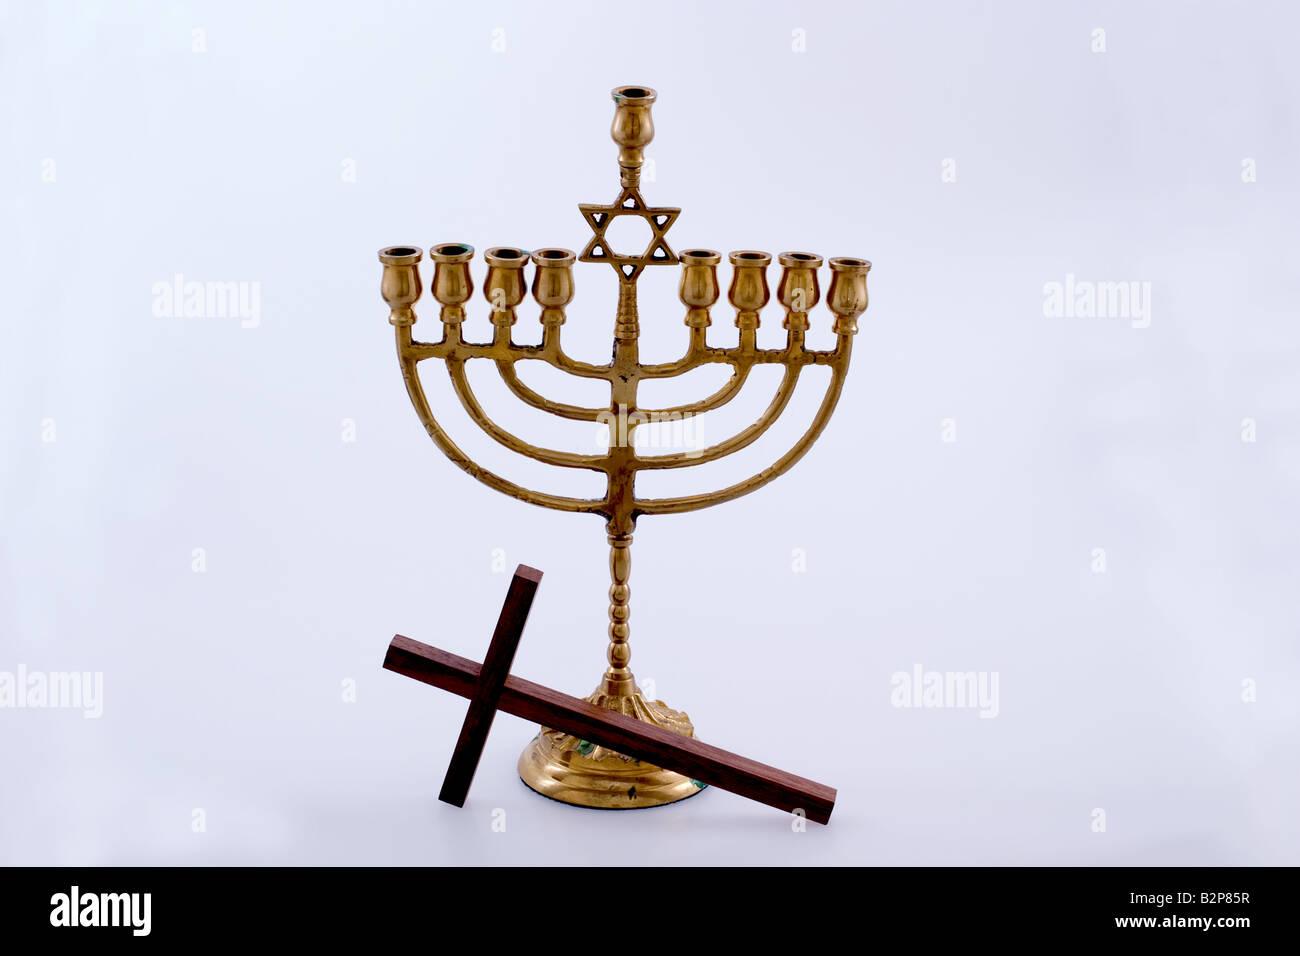 Cruz cristiana y un Menorah judío Fotografía de stock - Alamy